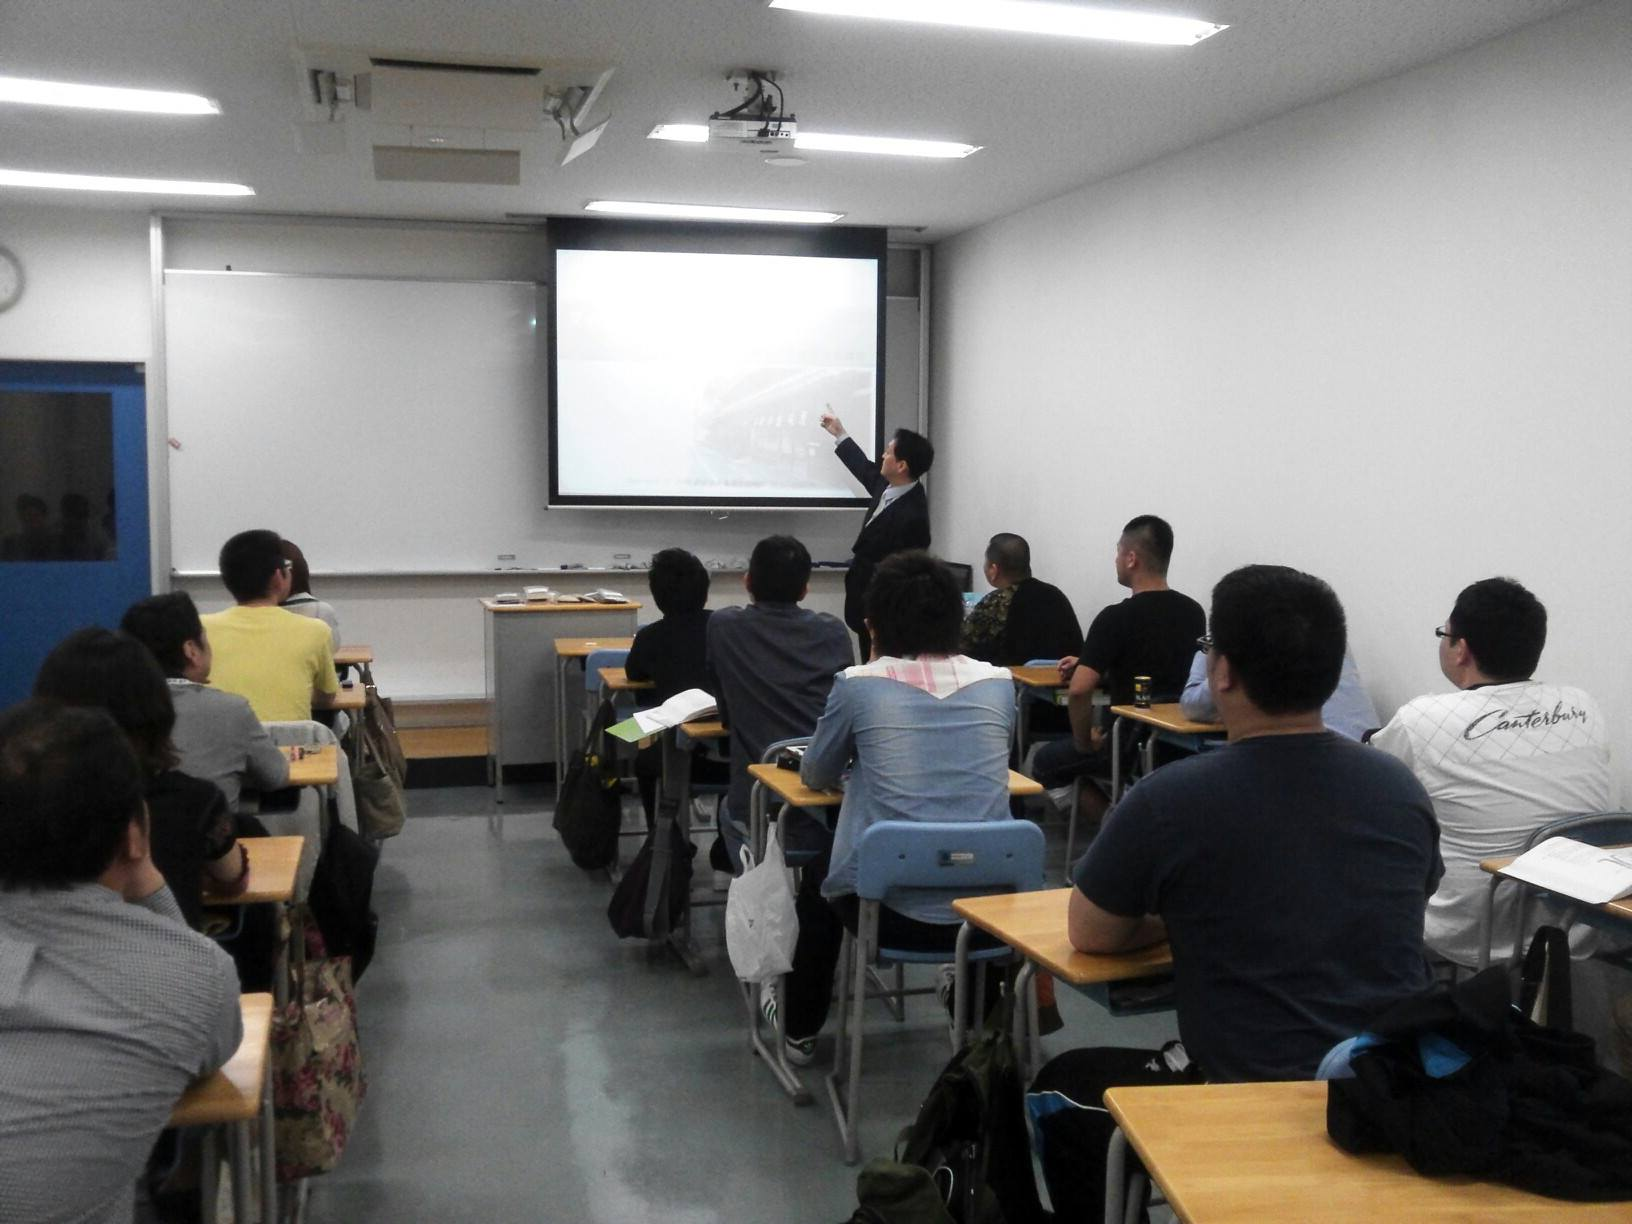 もぐさの製造に関する講演風景-朝日医療専門学校岡山校様_2013年